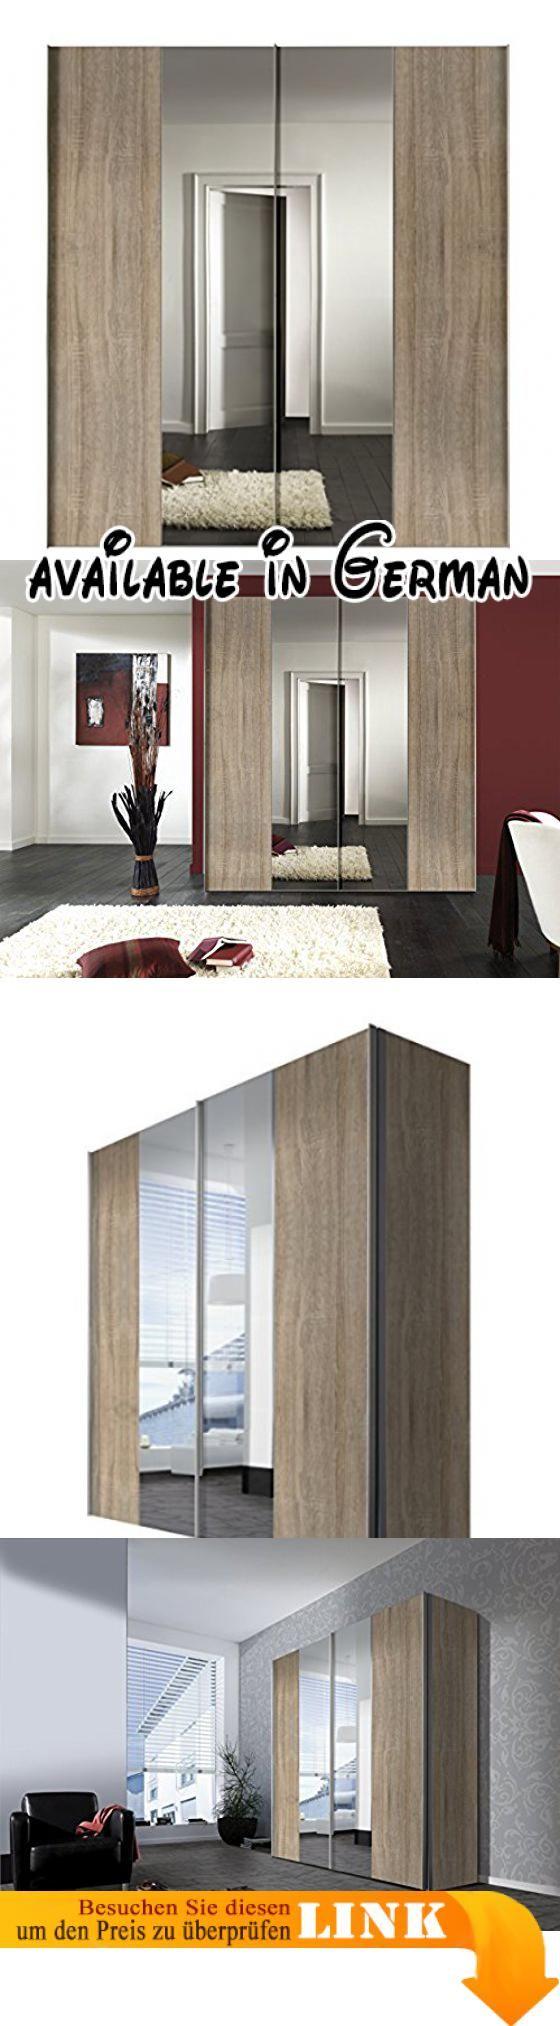 B00YY4QGS8 : Express Möbel 04660-760 Schwebetürenschrank 2-türig Korpus und Front Sonoma-Eiche Spiegel Griffleisten alufarben 68 x 200 x 216 cm. Schlafzimmerschrank 200 cm breit 2-türig. Die Griffleisten des Kleiderschrank sind Alufarben Schrank mit hochwertigen Metallbeschlägen. Schrank Innendekor Silber Axis Der Schrank bietet viel Stauraum. Kleiderschrank Innenaufteilung 2 Elemente 100 100 cm breit. Der Schrank wird mit 2 Wäscheböden und 2 Kleiderstangen geliefert..